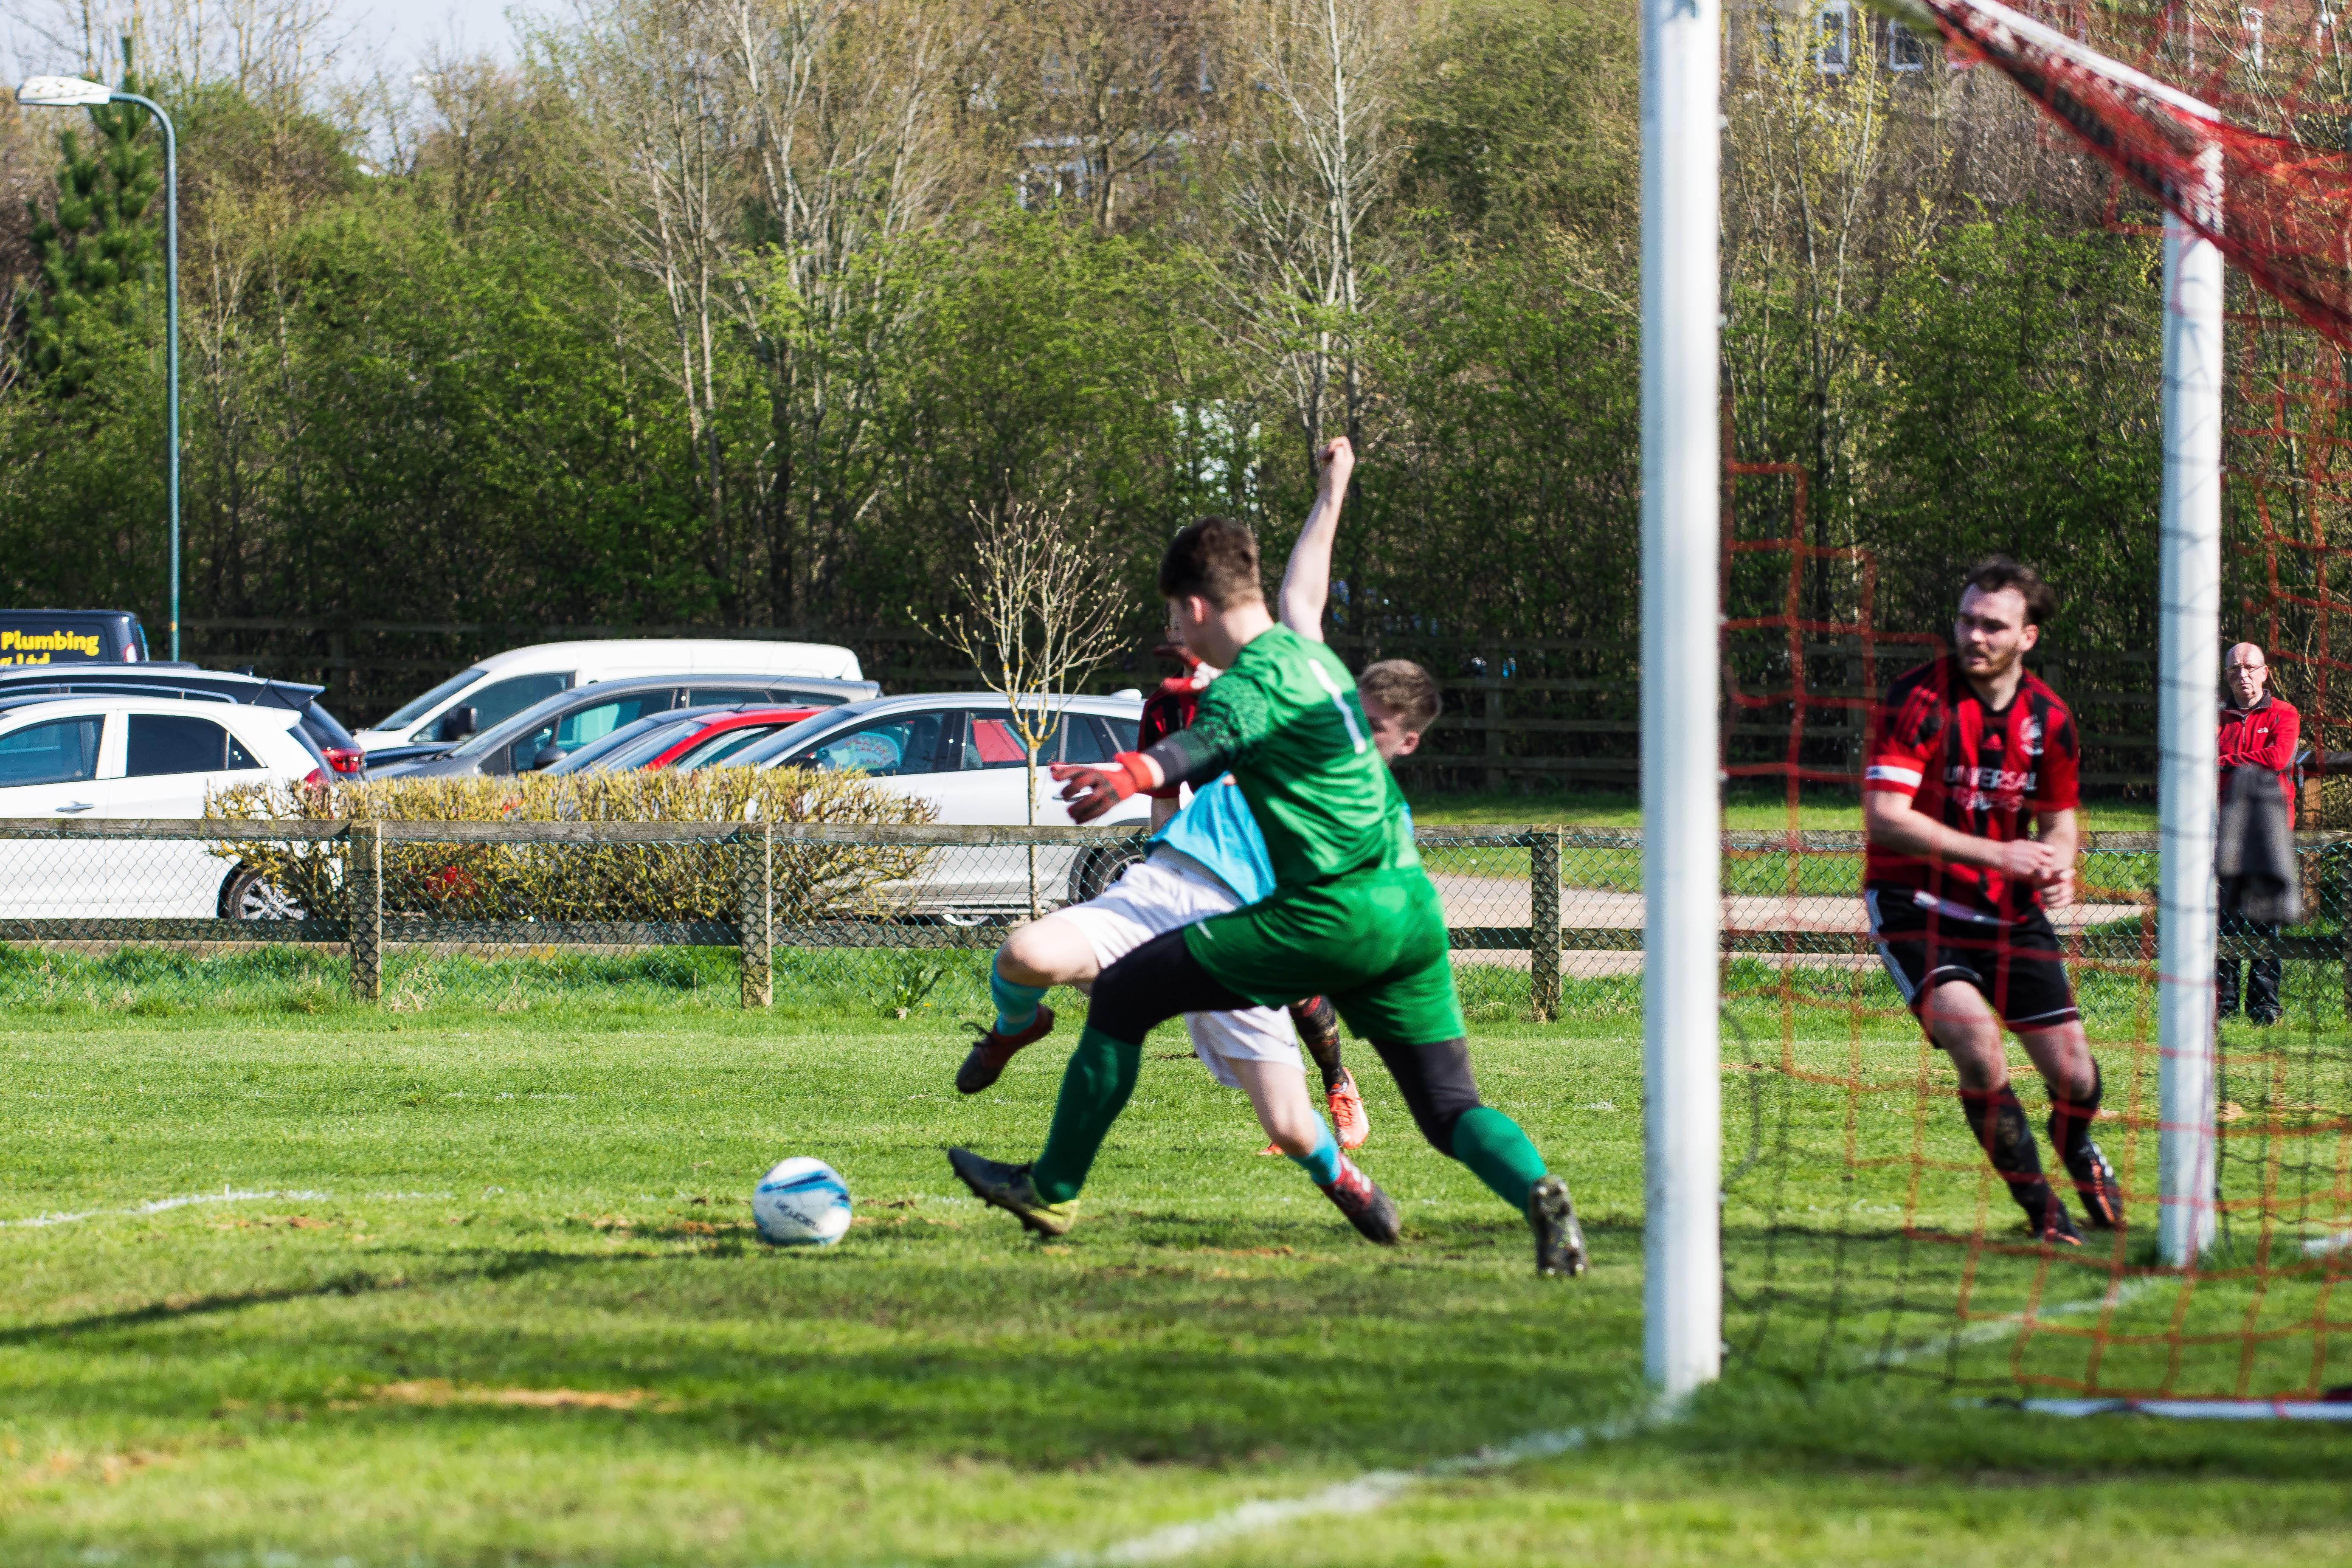 DAVID_JEFFERY Billingshurst FC vs AFC Varndeanians 14.04.18 70